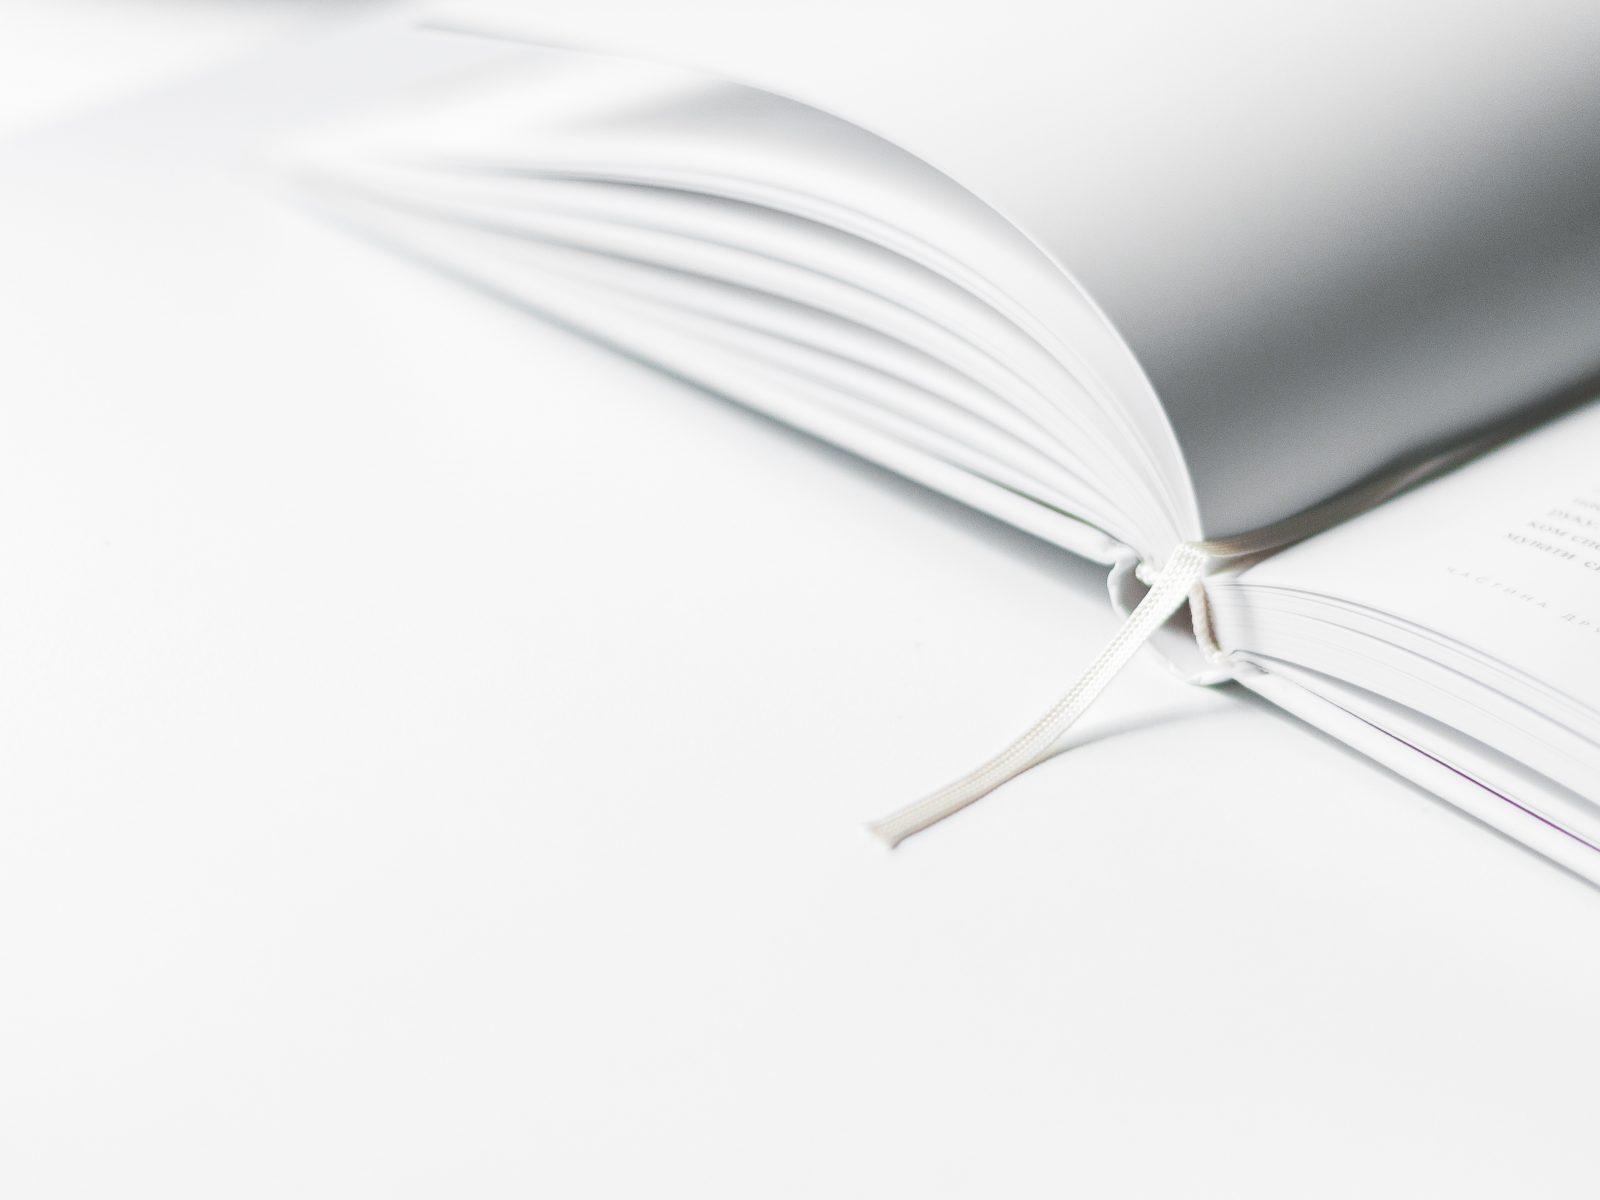 Análise de manuscrito_Vantagens_Ana Viegas